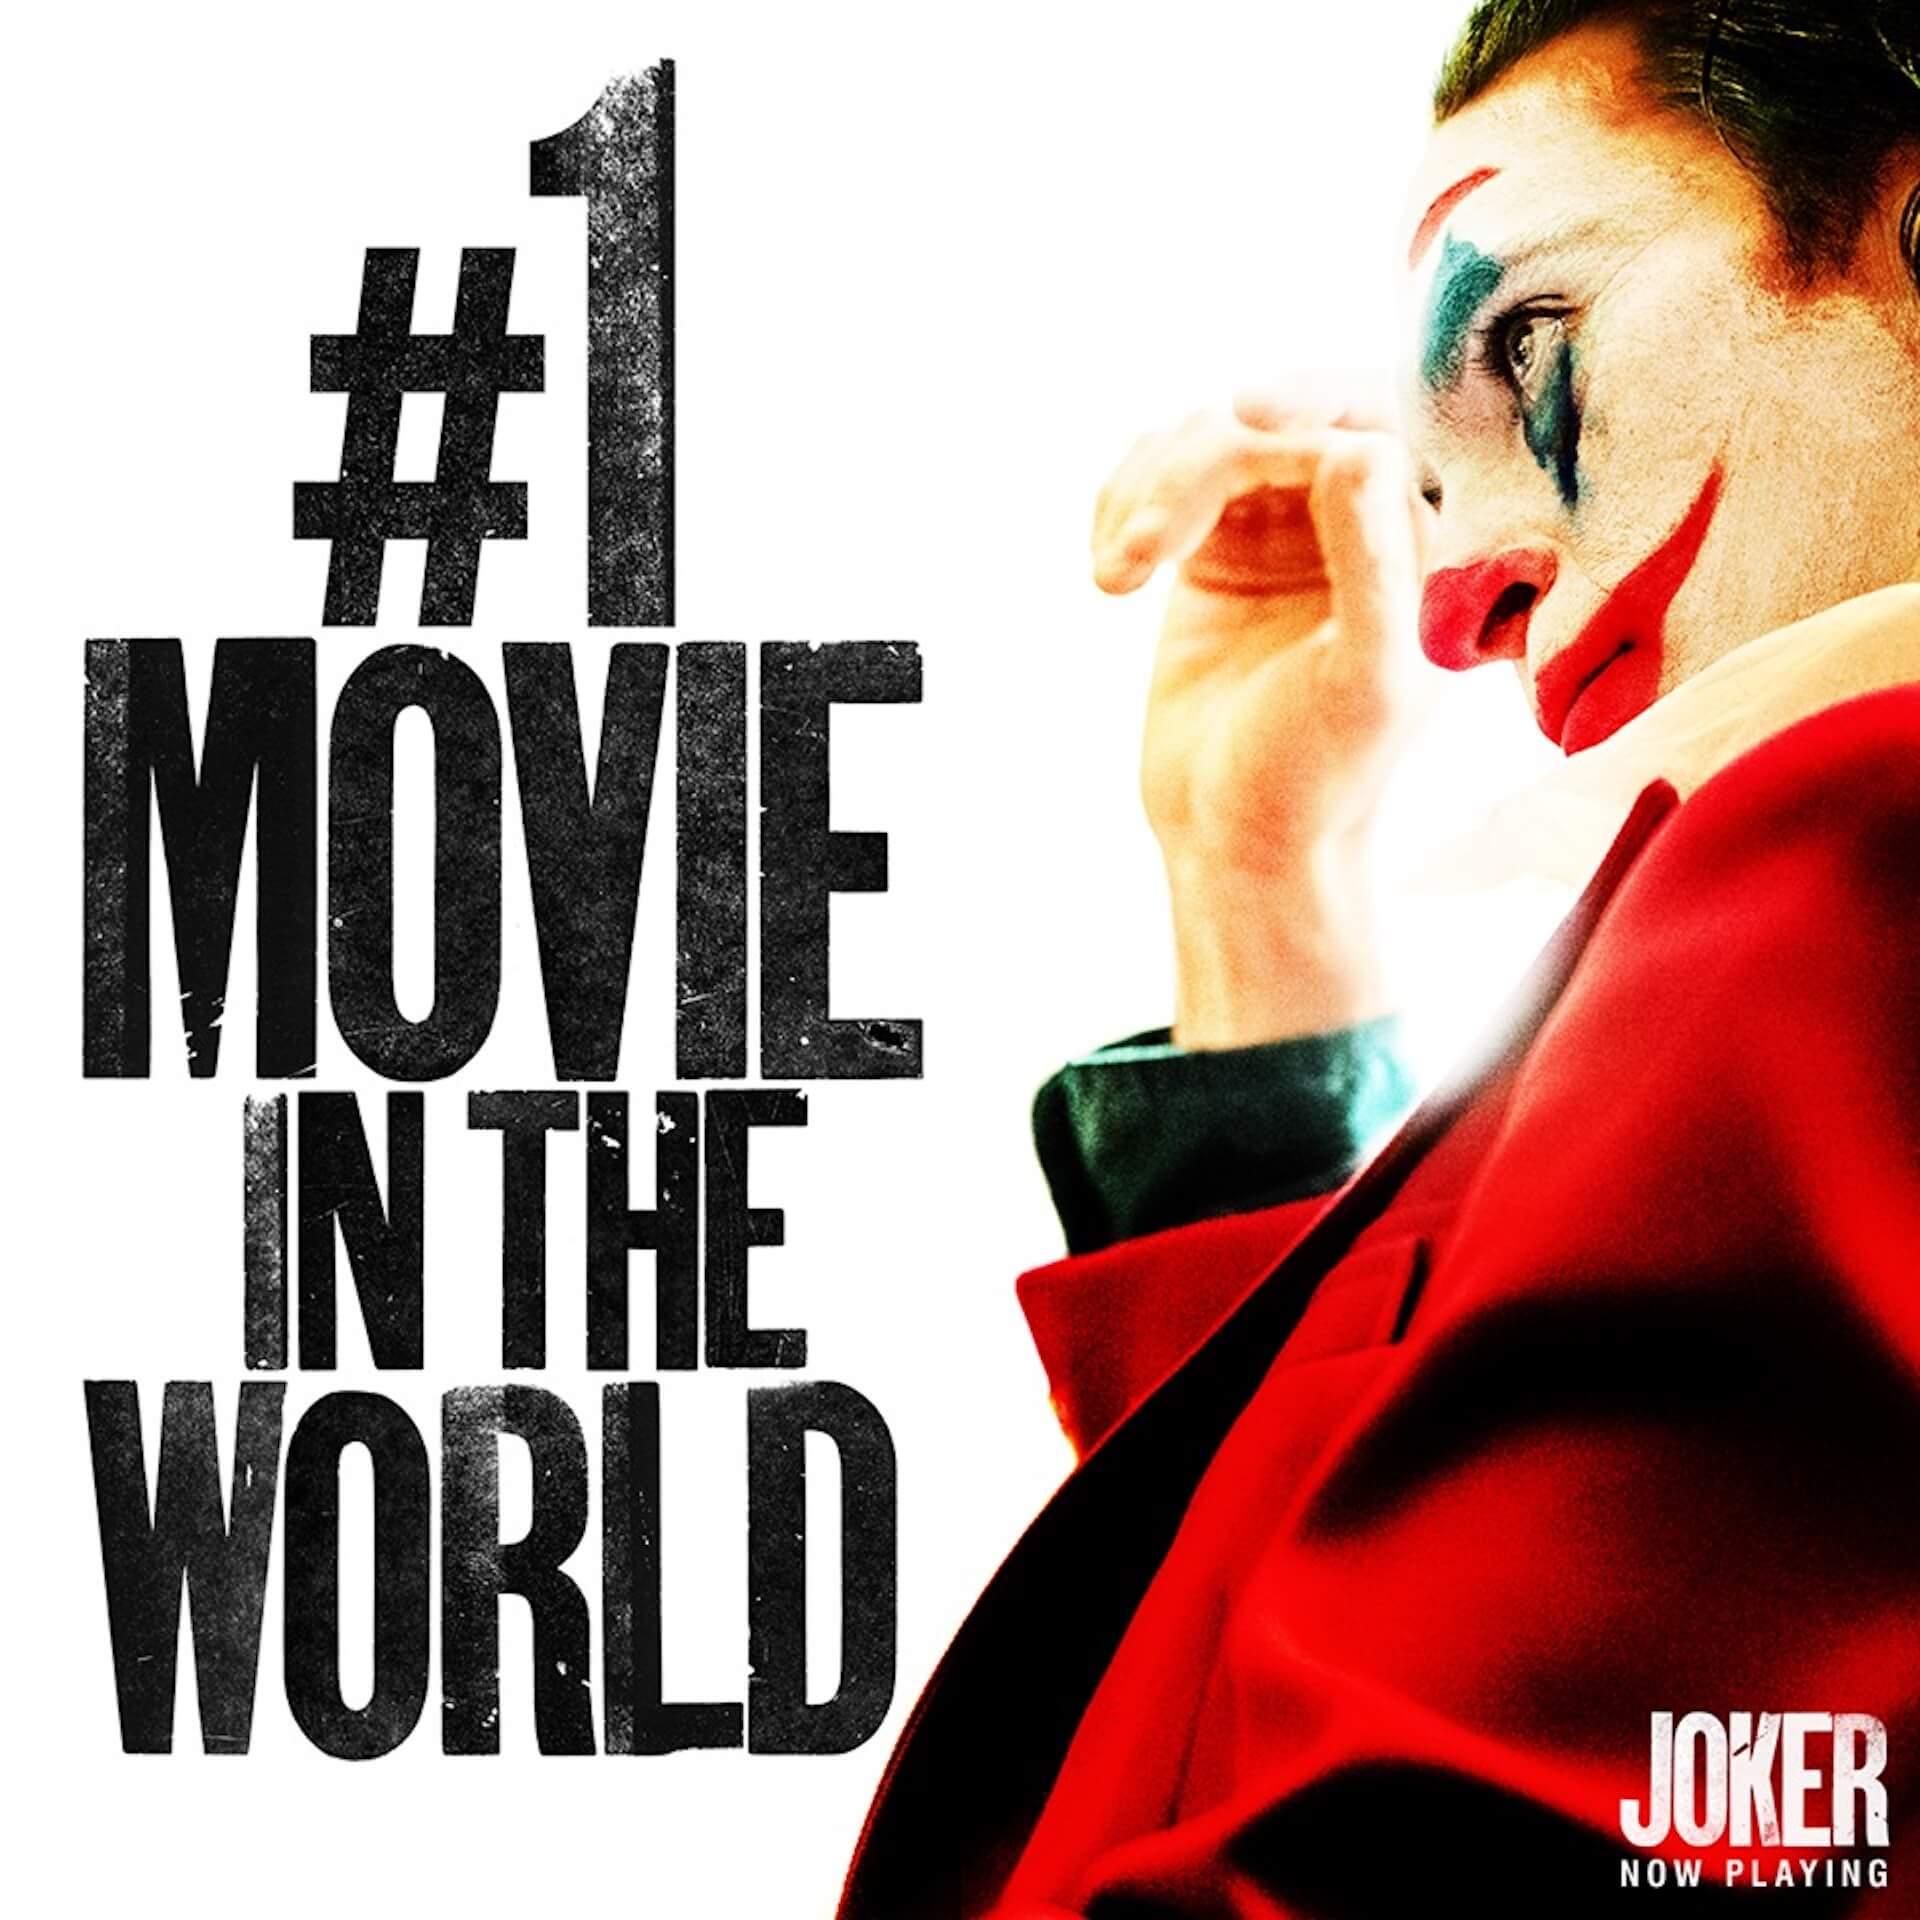 映画『ジョーカー』の利益額は『アベンジャーズ/インフィニティ・ウォー』を超える勢い? film191024_joker_avengers_main